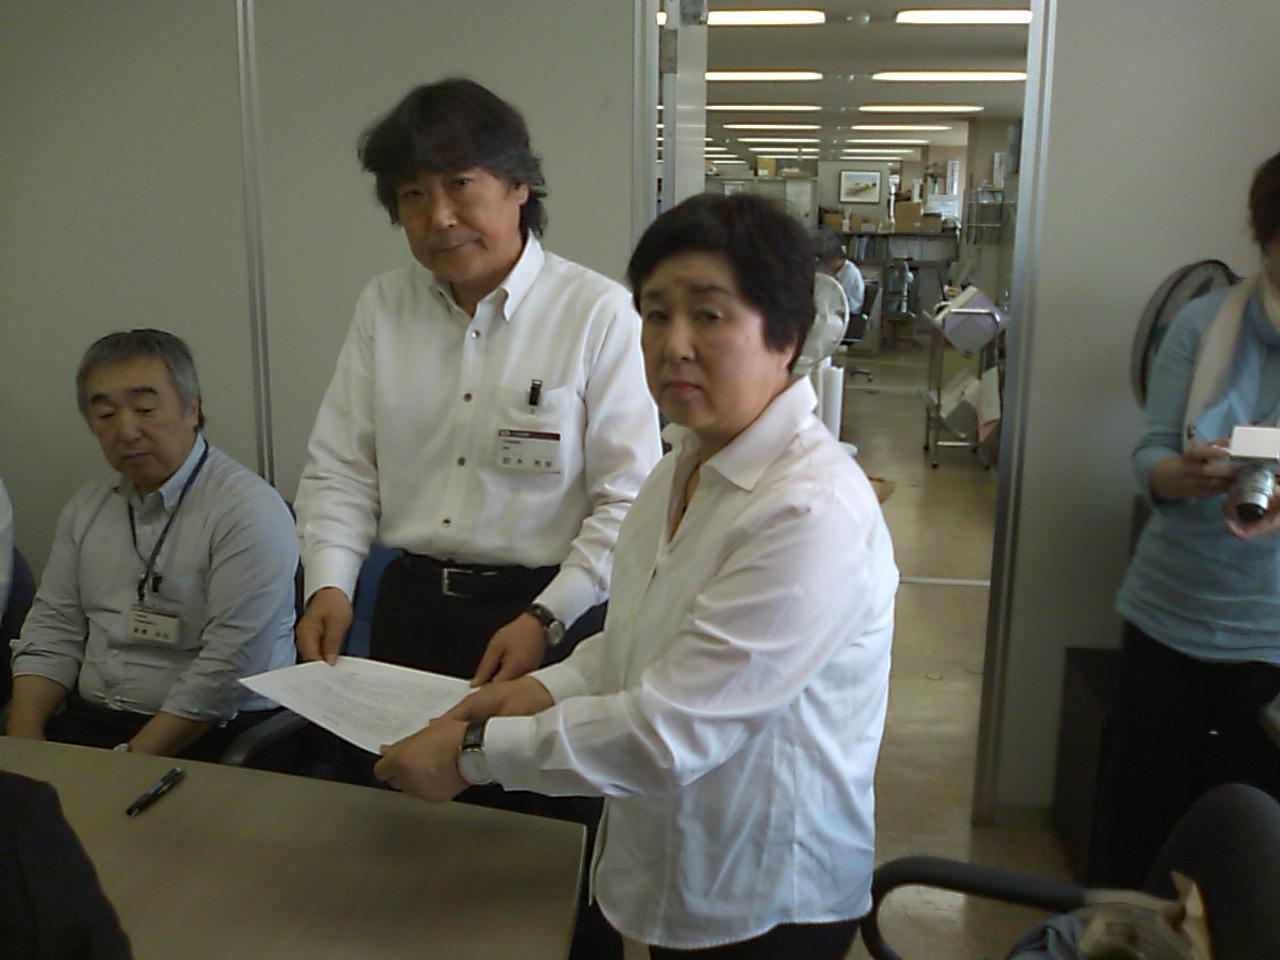 鮫川村の焼却施設建設再開で市に要請_e0068696_10203677.jpg